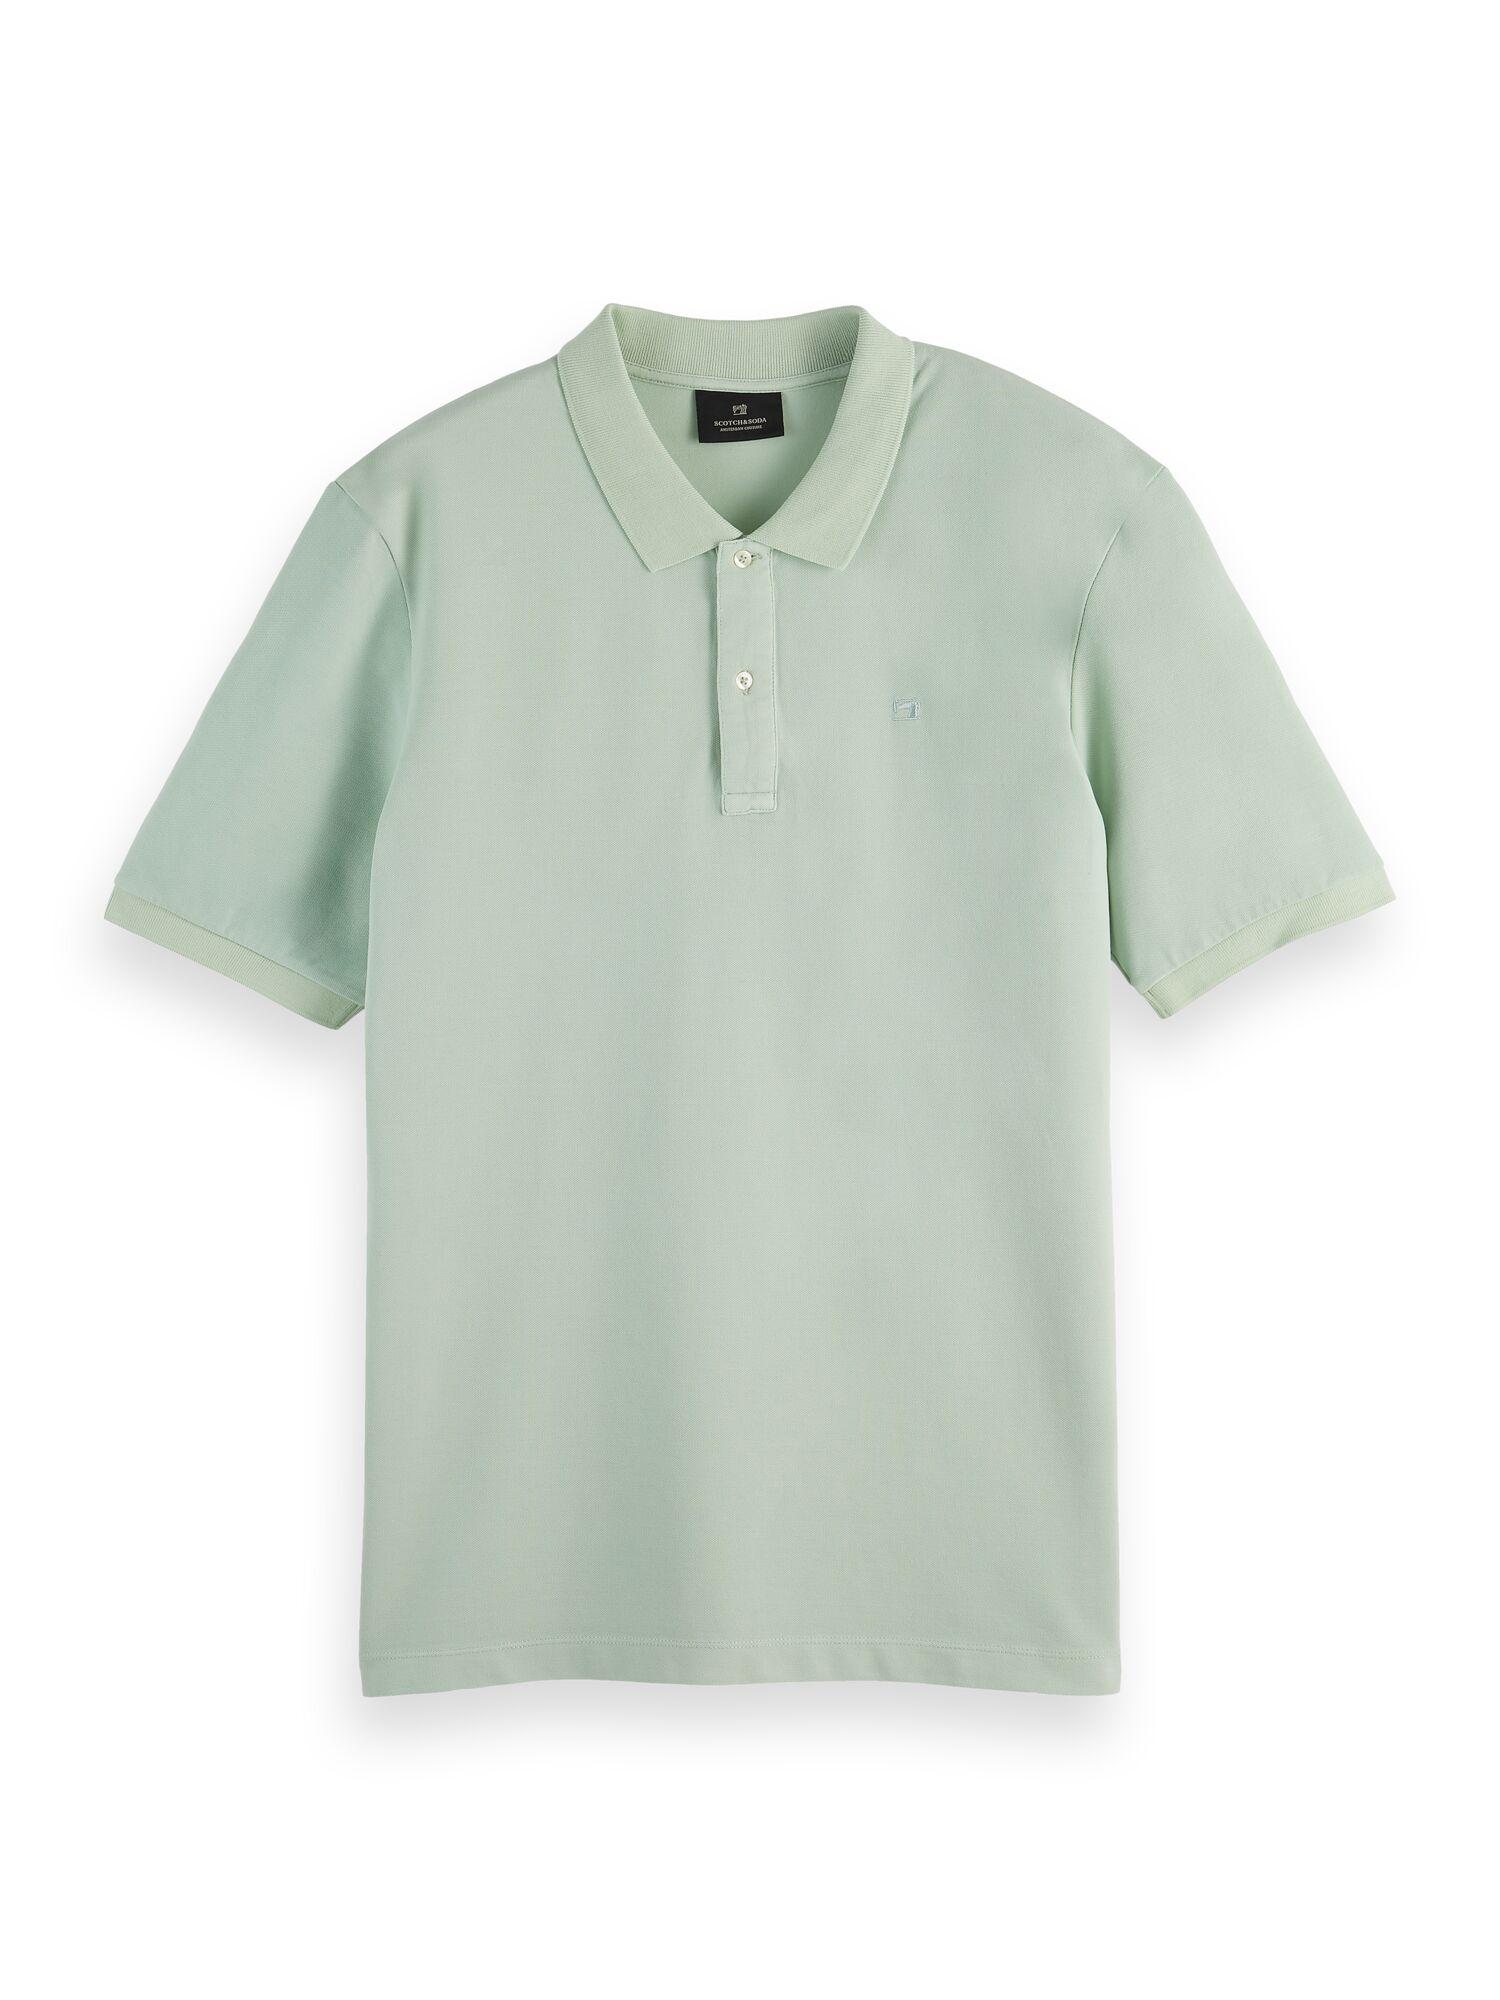 Scotch & Soda | Garment-dyed cotton pique polo